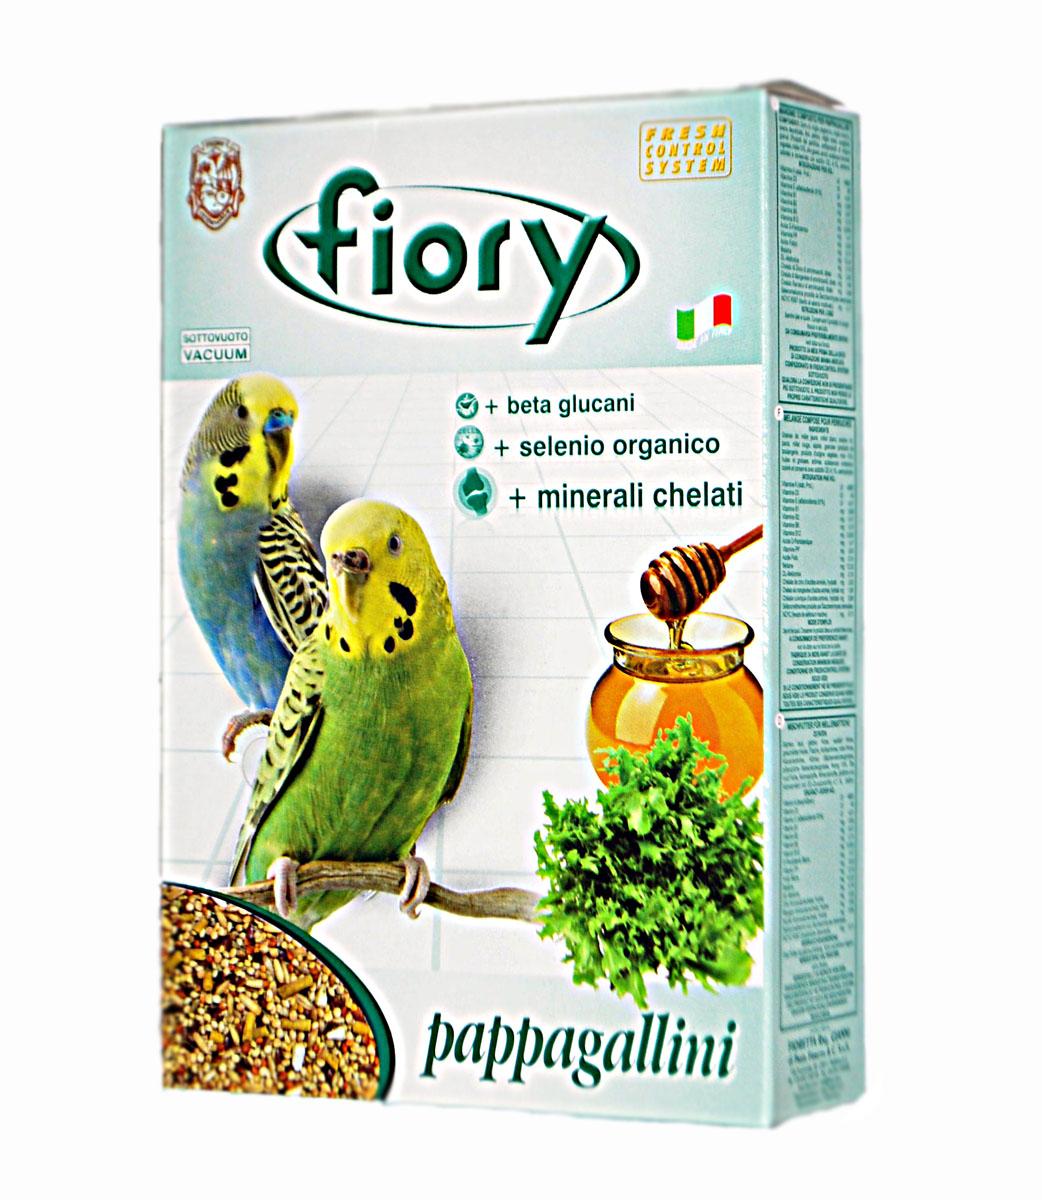 Корм для волнистых попугаев Fiory Pappagallini, 400 г6019Смесь для попугаев Fiory Pappagallini содержит девять видов семян, обеспечивающих сбалансированный и разнообразный рацион для волнистых попугайчиков. Кроме обычных, общеизвестных семян, мы также использовали очень редкие семена сафлора. Сафлор дает довольно маслянистые семена, которые в Азии употребляют в пищу. Семена облегчают запоры, а также улучшаю пигментацию. Данная смесь, наряду с другими продуктами Fiory, также была обогащена медом и растительными гранулами. Удобная и практичная упаковка смеси позволит дольше радовать свою птичку вкусным и ароматным кормом. Смесь питательная, обогащена полезными веществами, которые позволяют поддерживать здоровье организма птицы. Масса: 400 г. Ингредиенты: желтое, белое и красное просо, очищенный овес, просо обыкновенное, канареечник, мед 10%, овощи 4,1%, масла, натуральные консерванты, (содержащиеся антиоксиданты одобрены Советом Европы), сафлор. Товар сертифицирован.